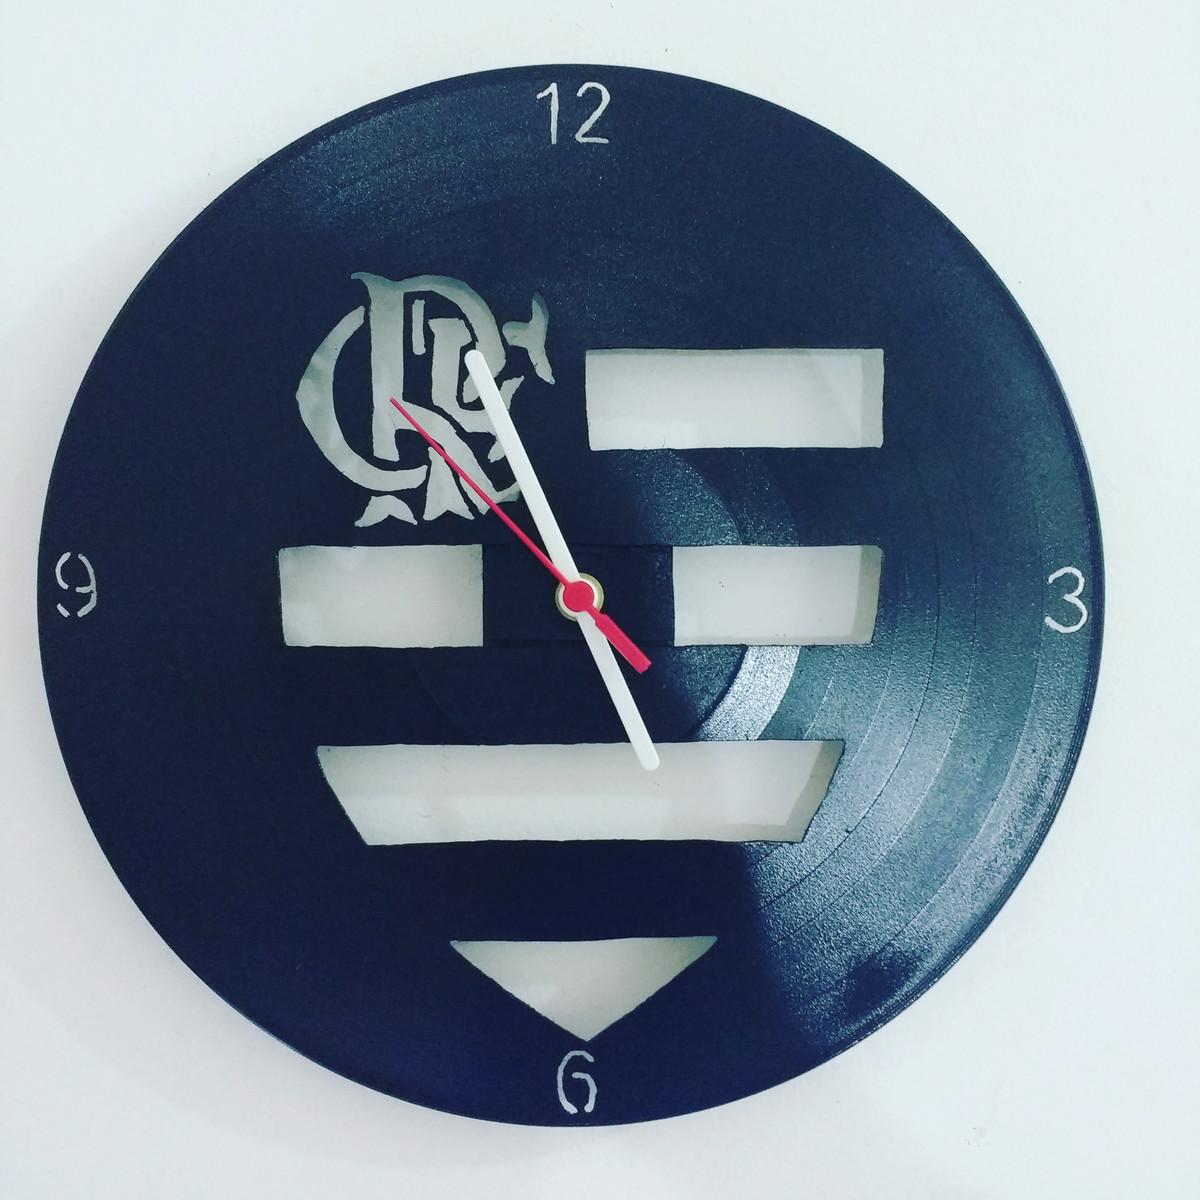 a1e9f6bfa22 Relógio Vintage - Futebol brasileiro - Flamengo no Elo7